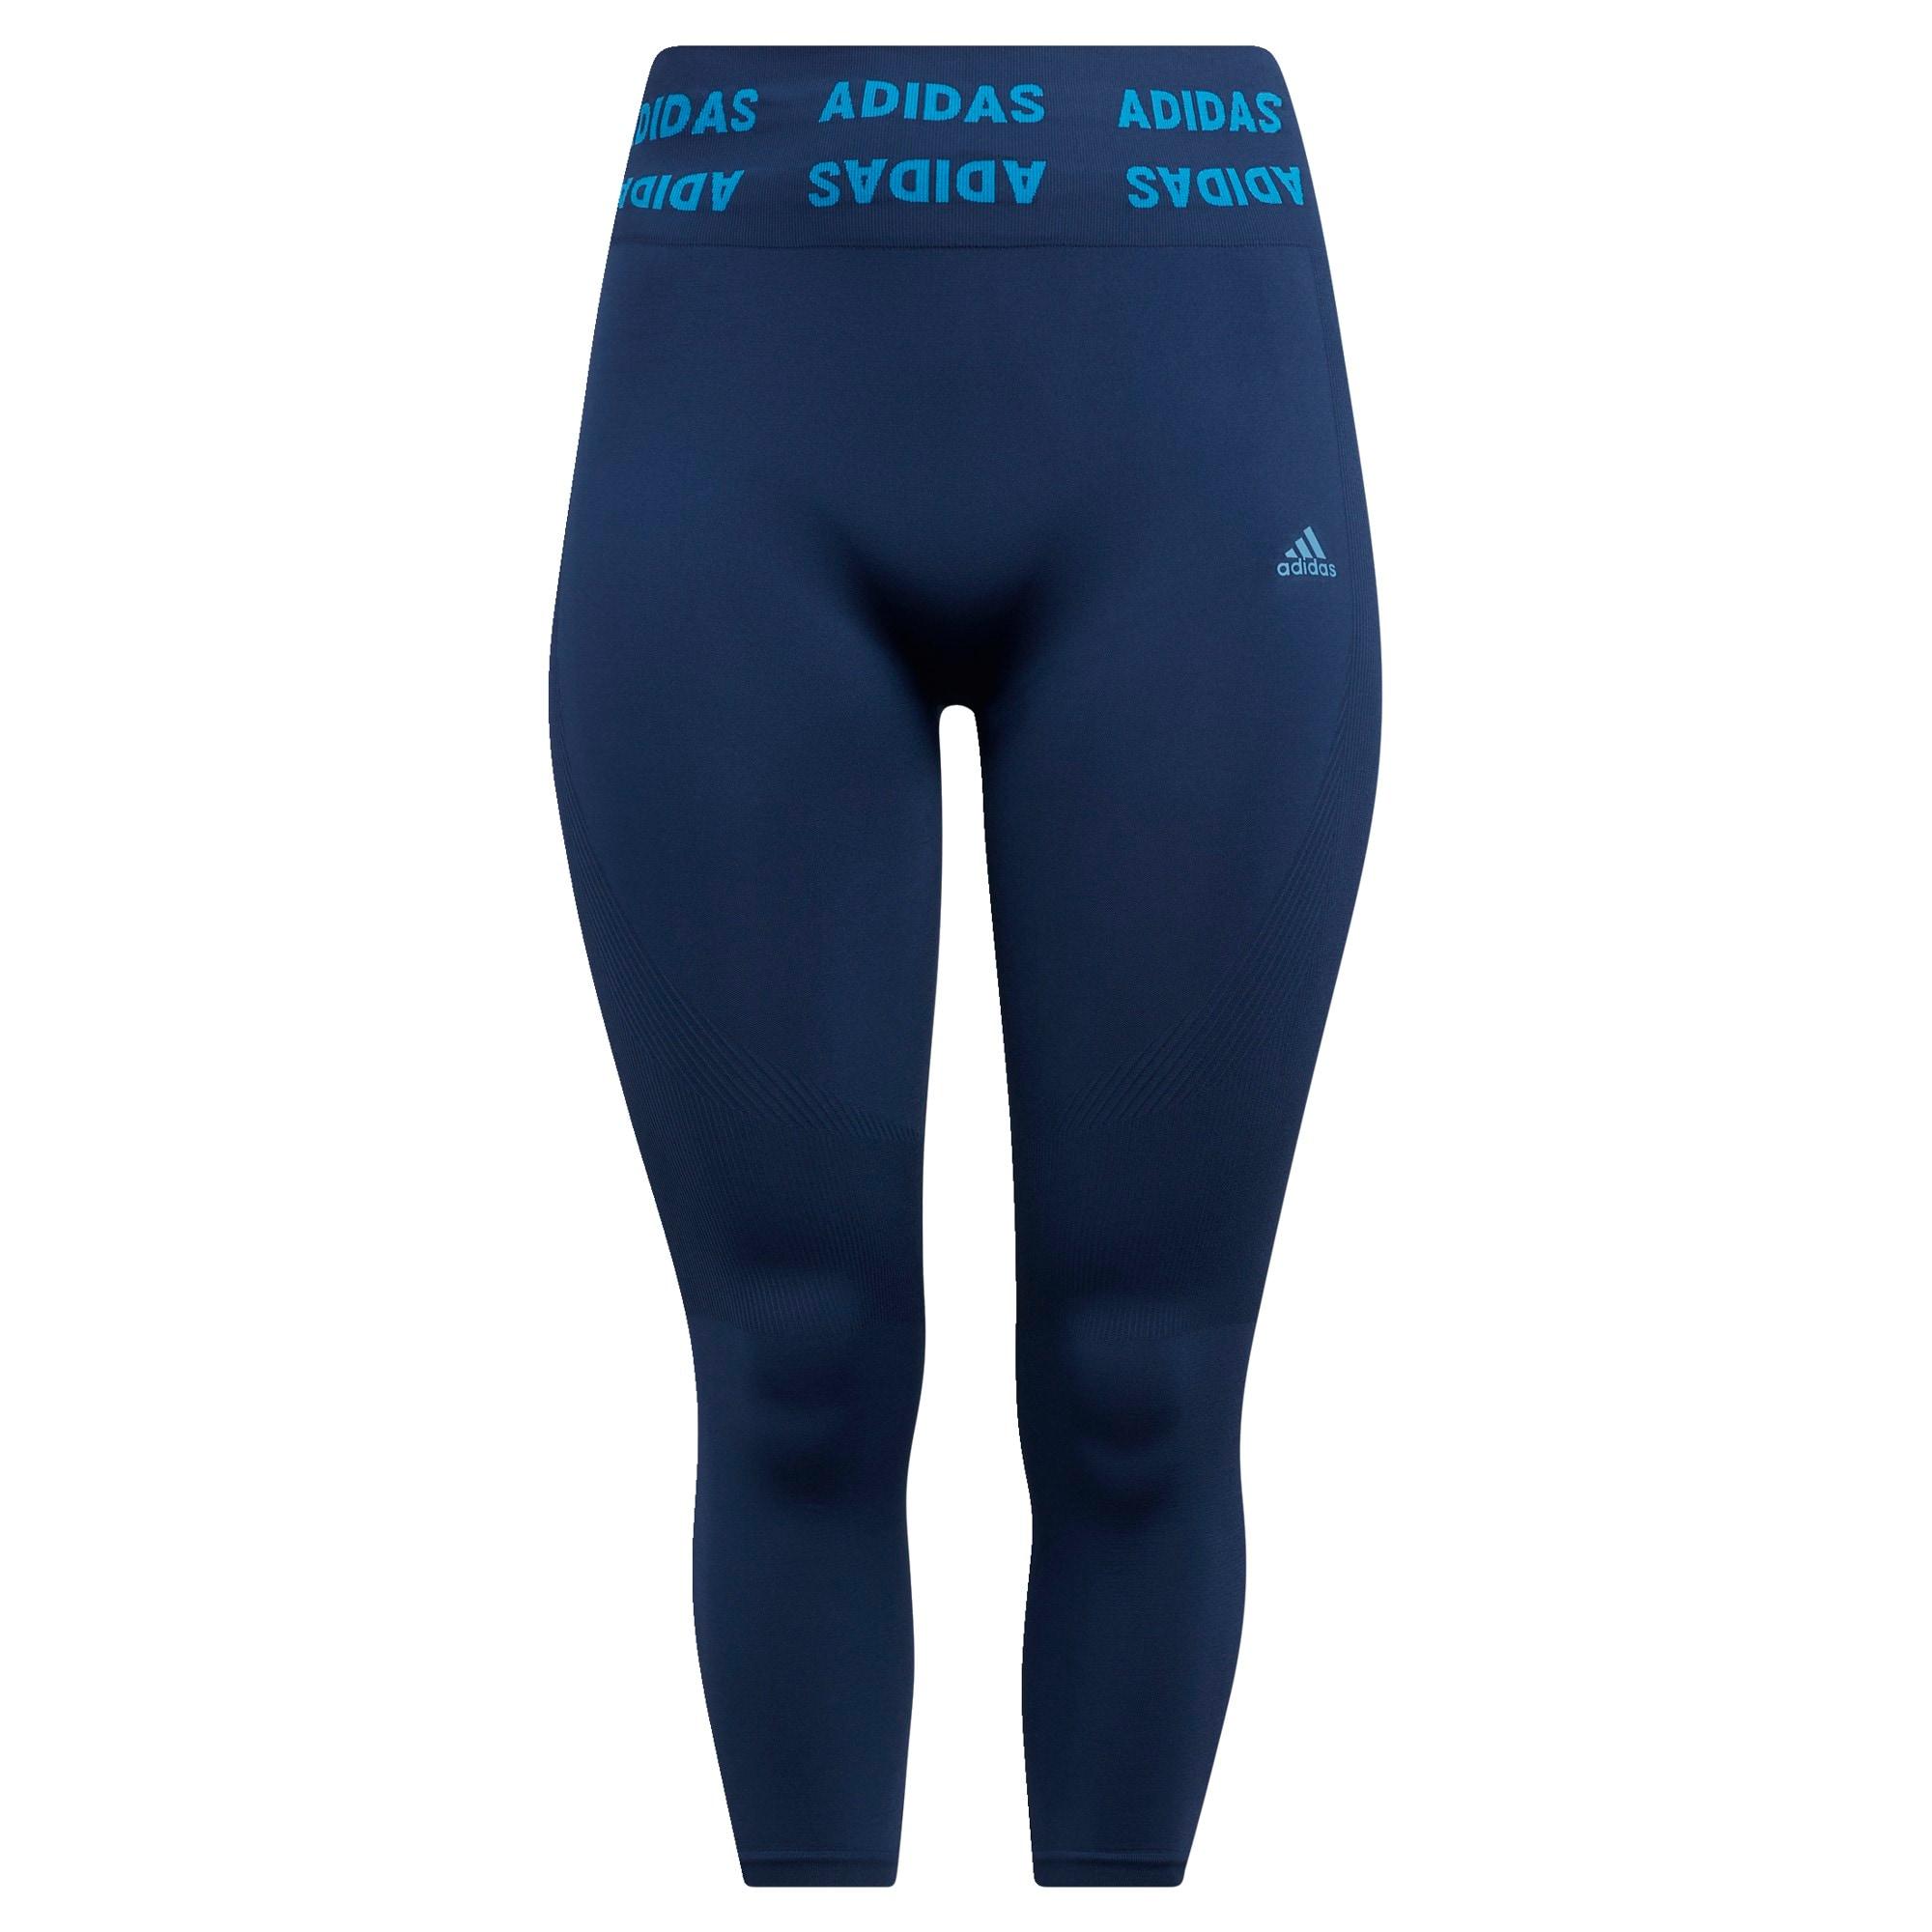 ADIDAS PERFORMANCE Sportinės kelnės tamsiai mėlyna / šviesiai mėlyna